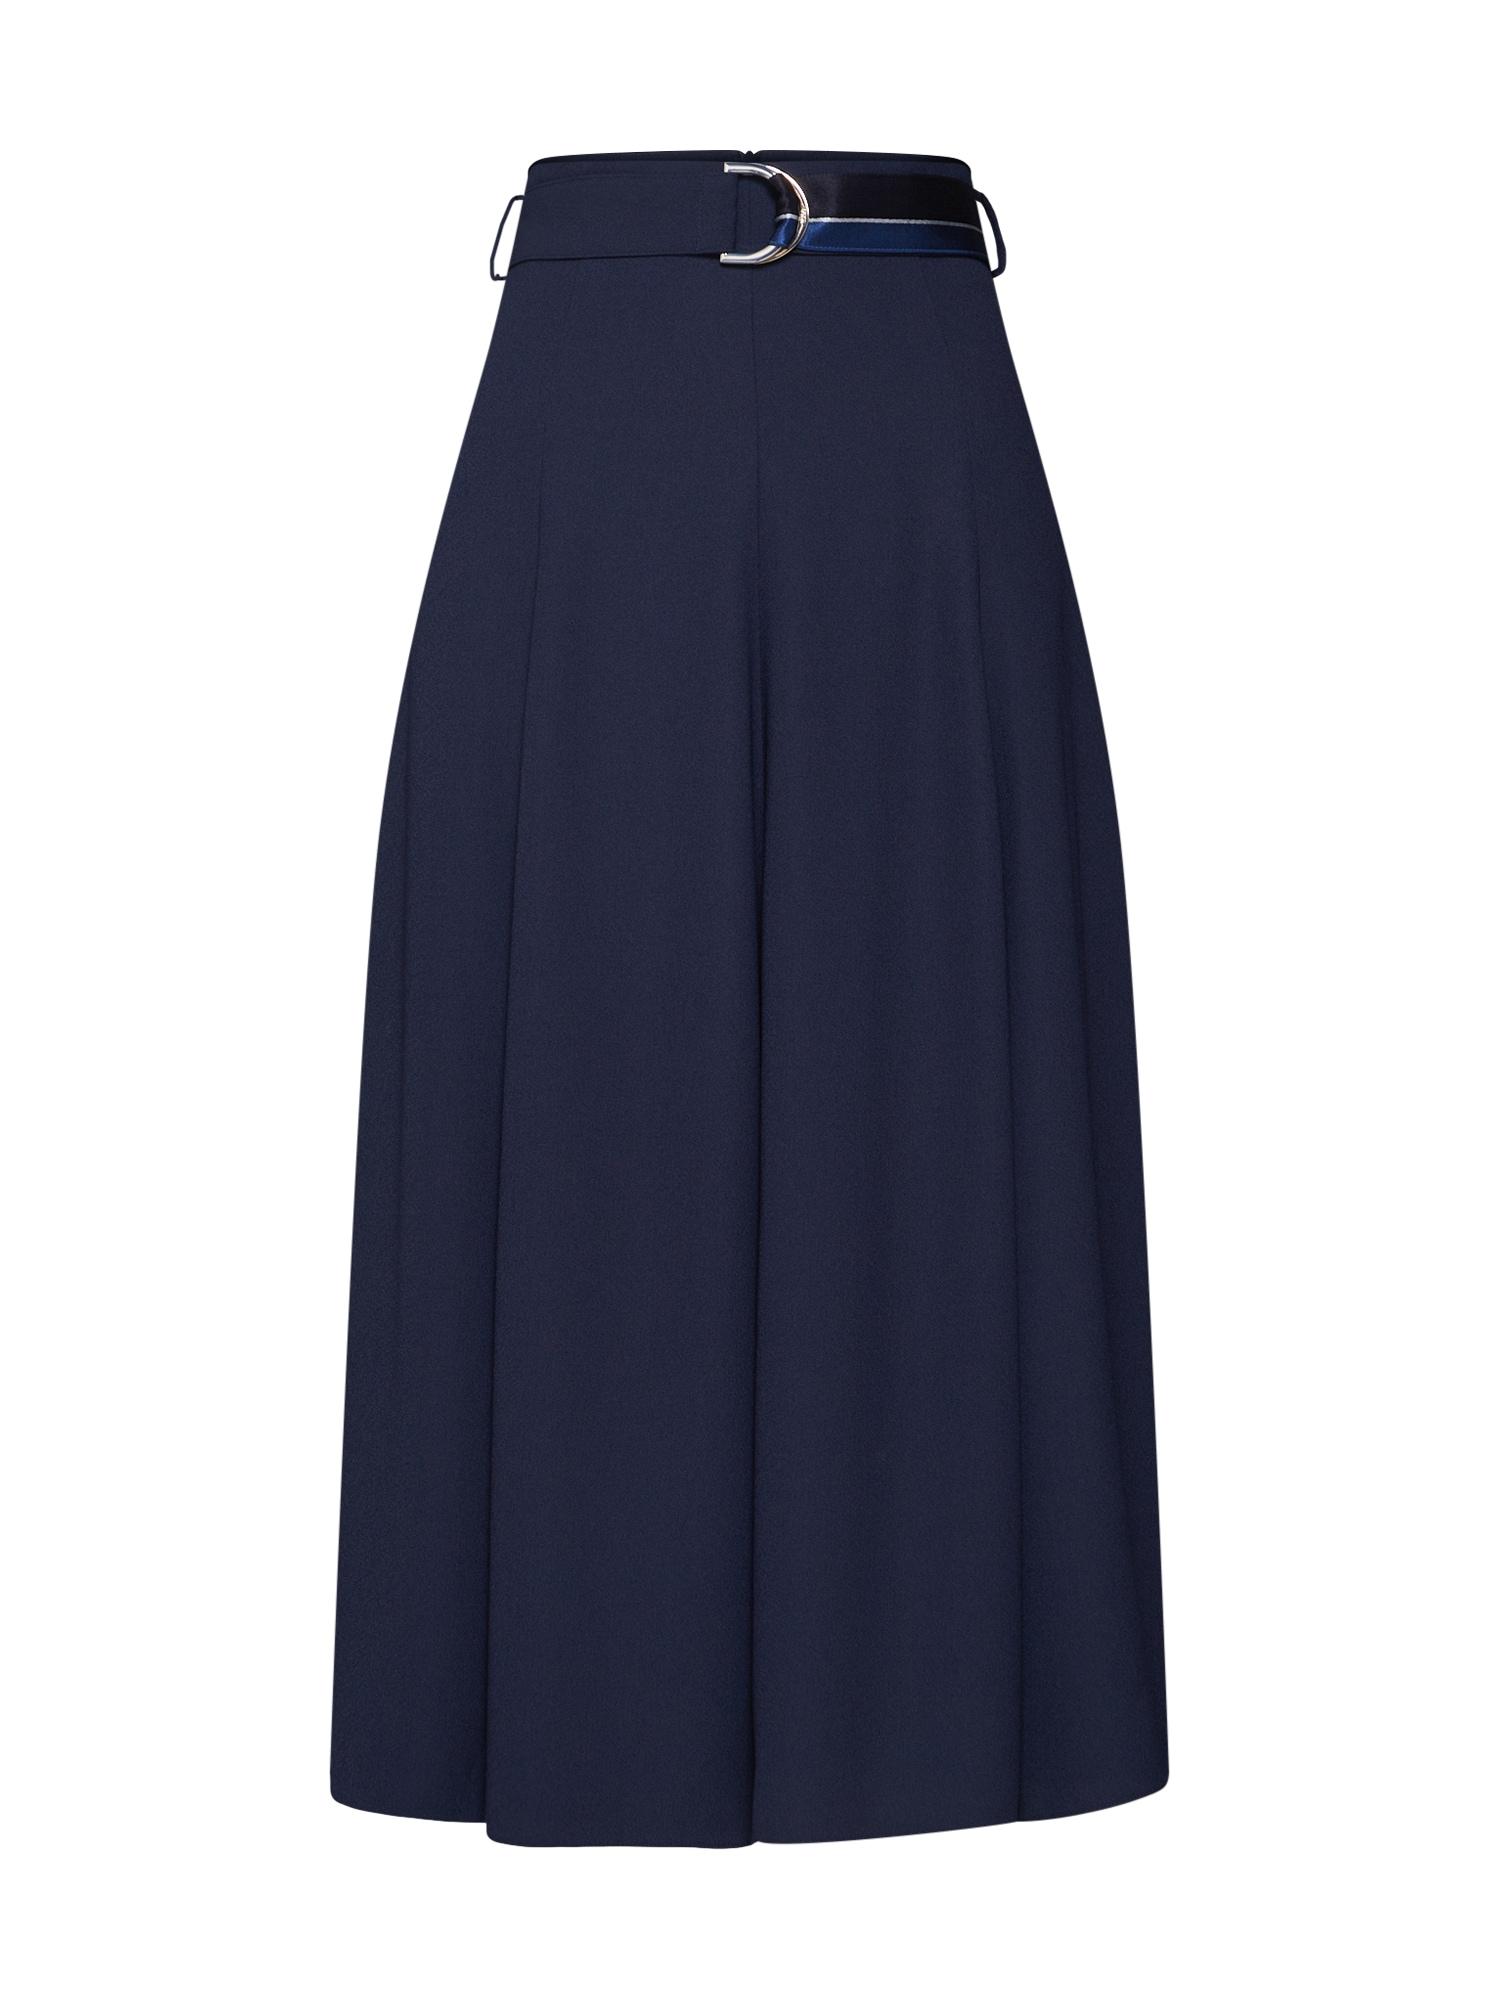 Sukně Ralocca modrá HUGO